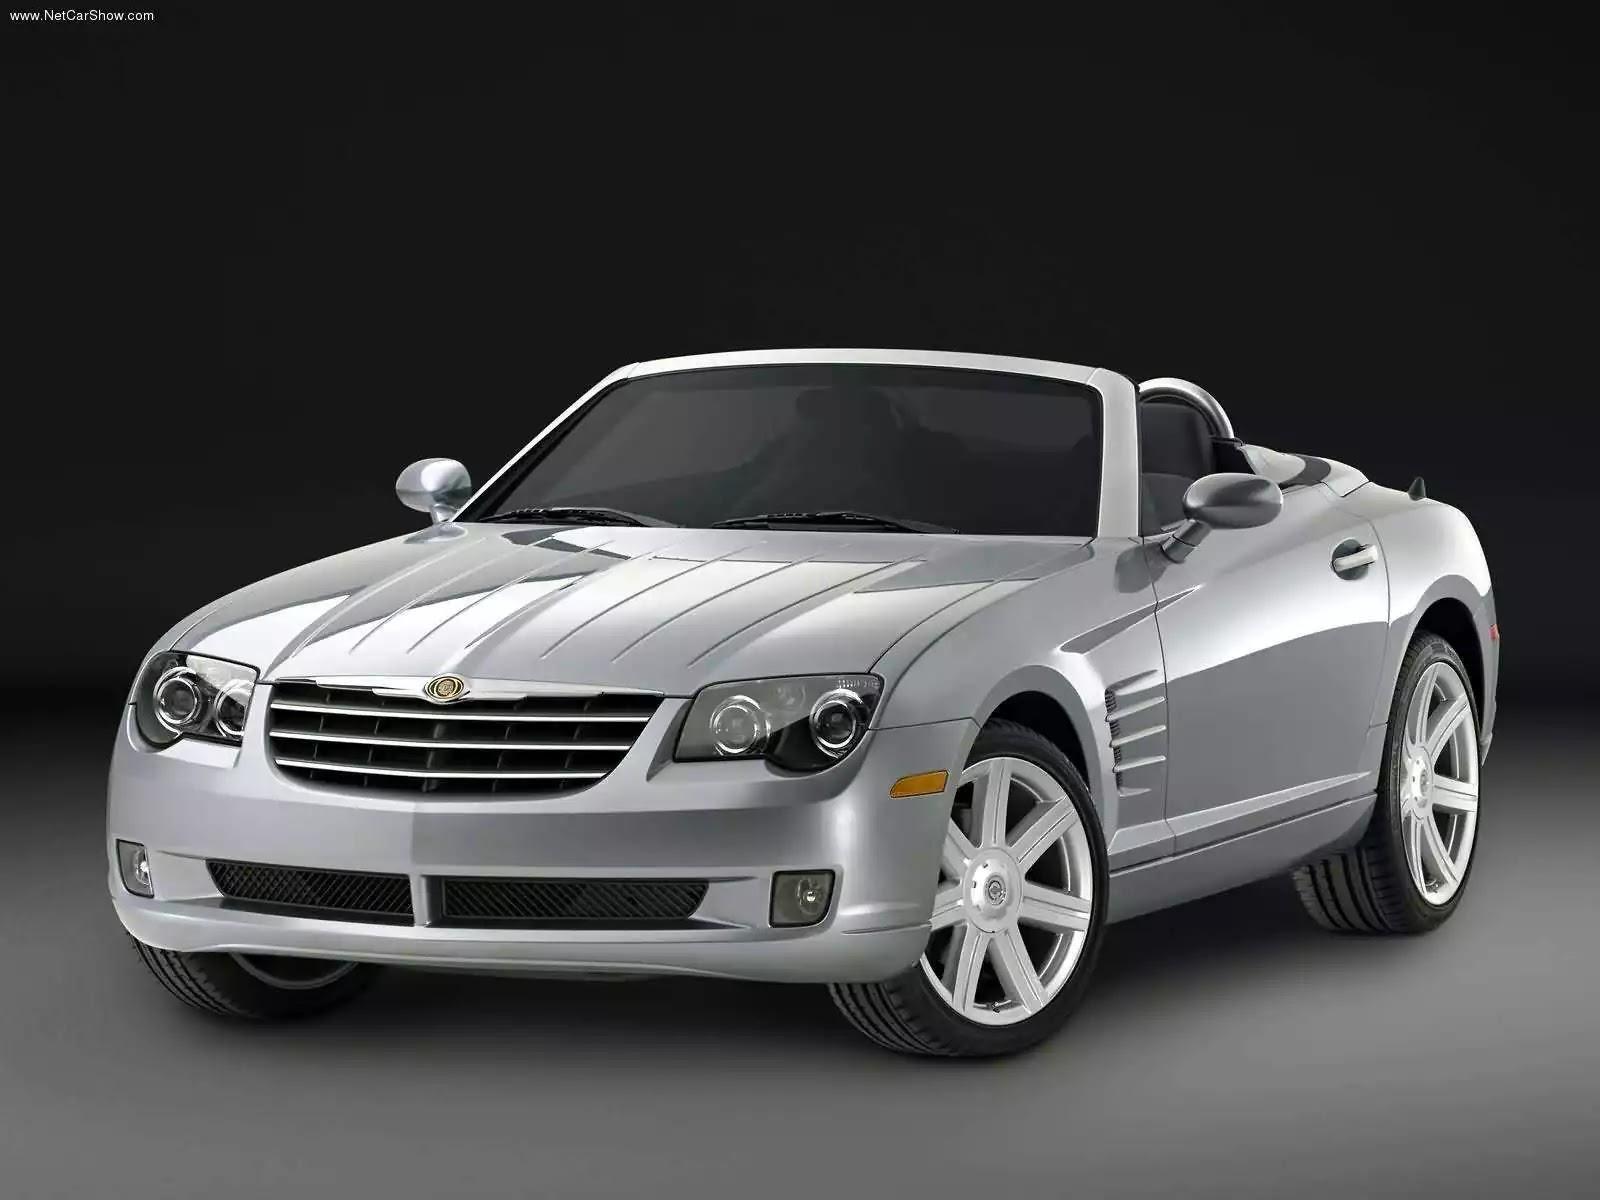 Hình ảnh xe ô tô Chrysler Crossfire Roadster 2005 & nội ngoại thất